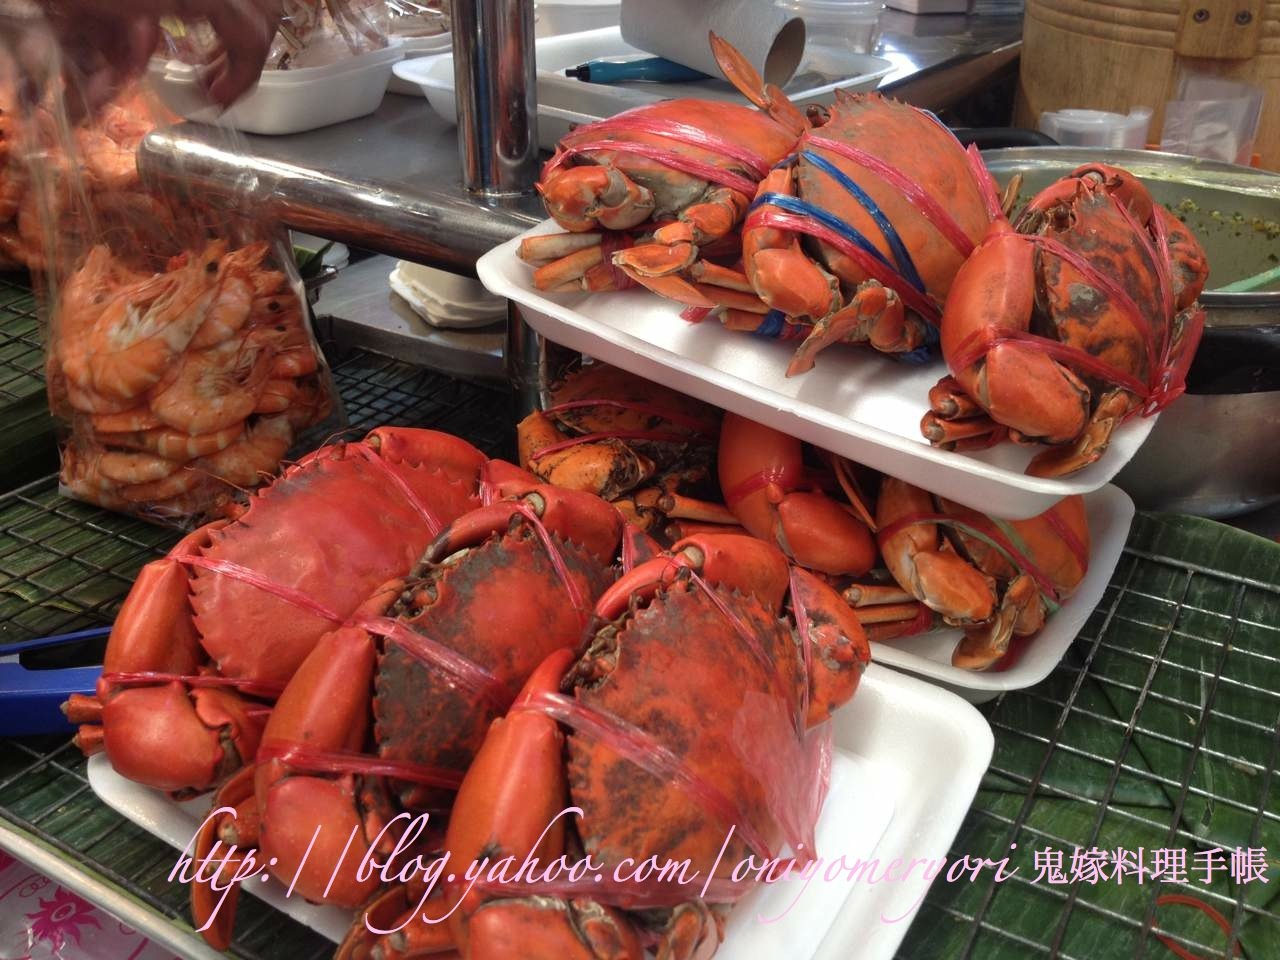 鬼嫁料理手帳: JJ Market 旁的泰國地道街市 - Or Tor Kor Market (安多哥市場)